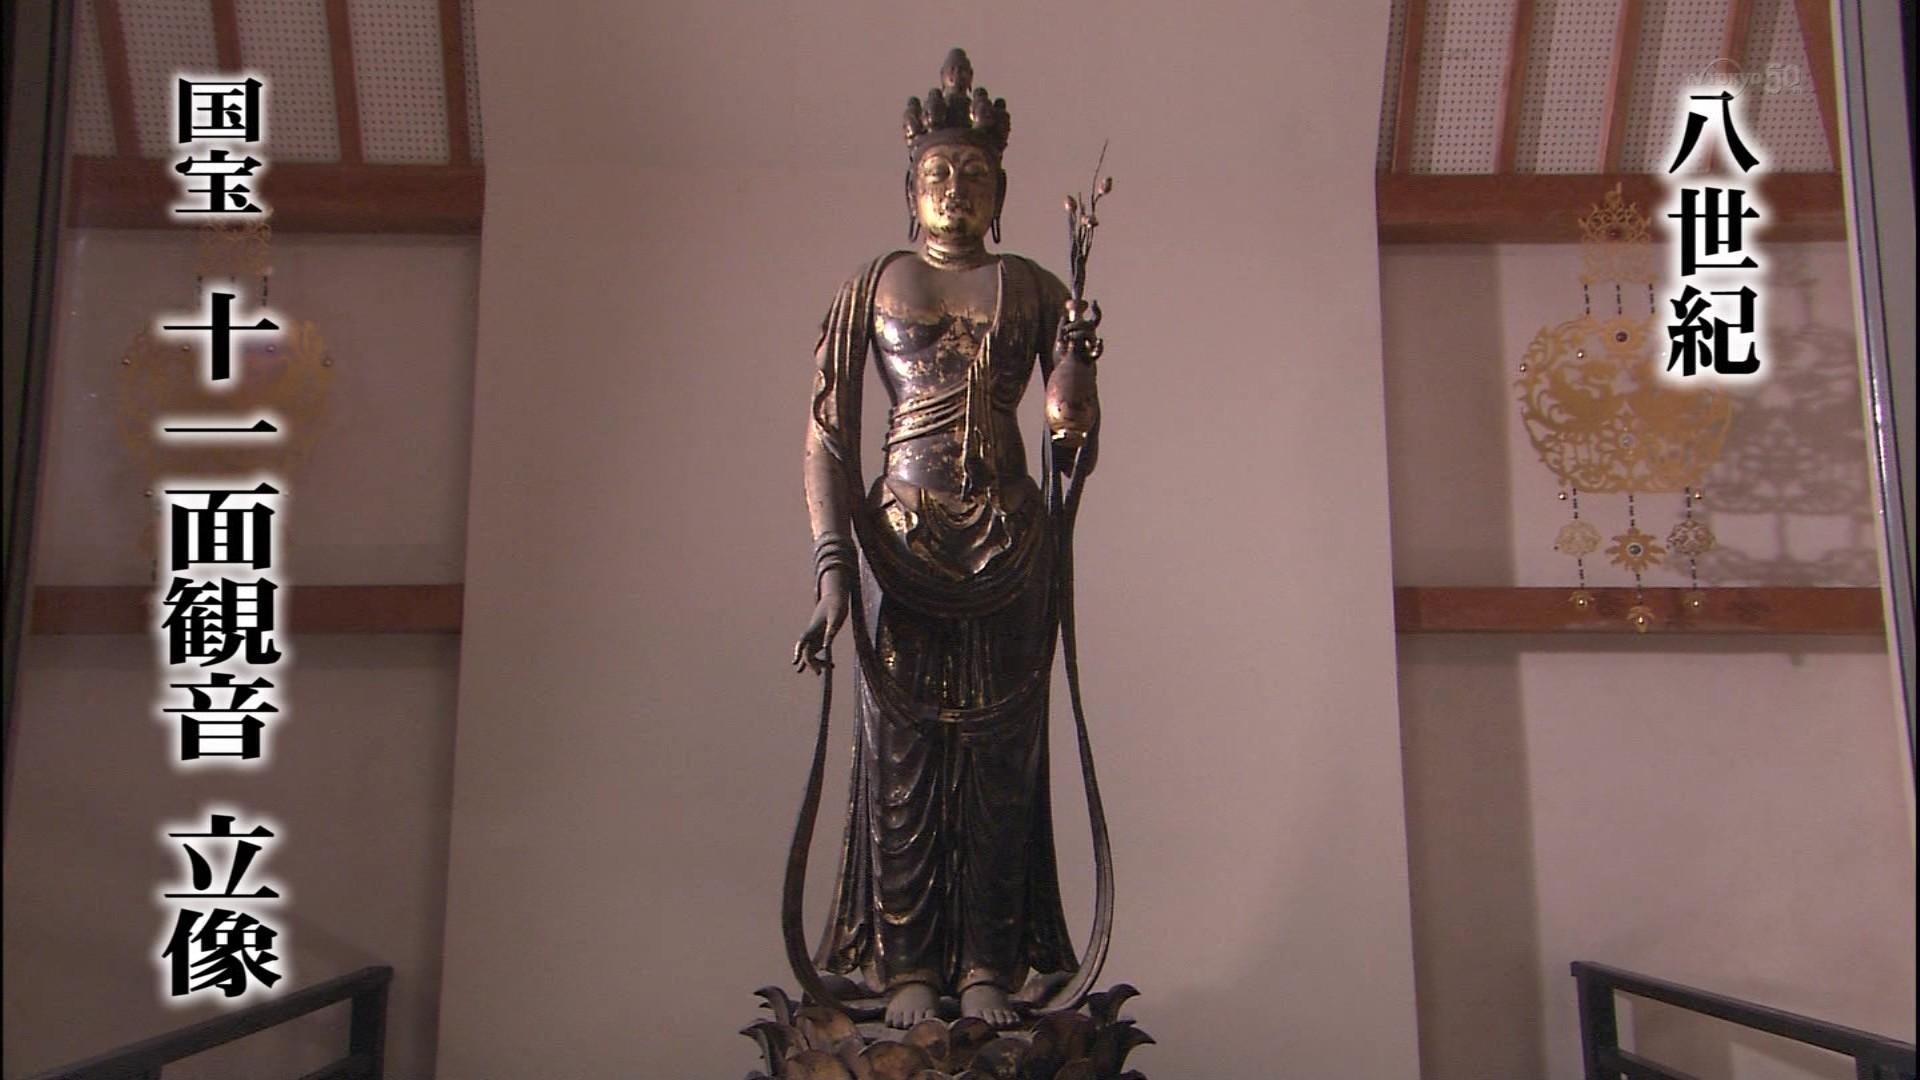 こんなテレビを見た。タグ: 仏像美の巨人たち 聖林寺 国宝『十一面観音立像』ETV特集「仏像の魂に挑む~東京藝術大学 若者たちの一年~」